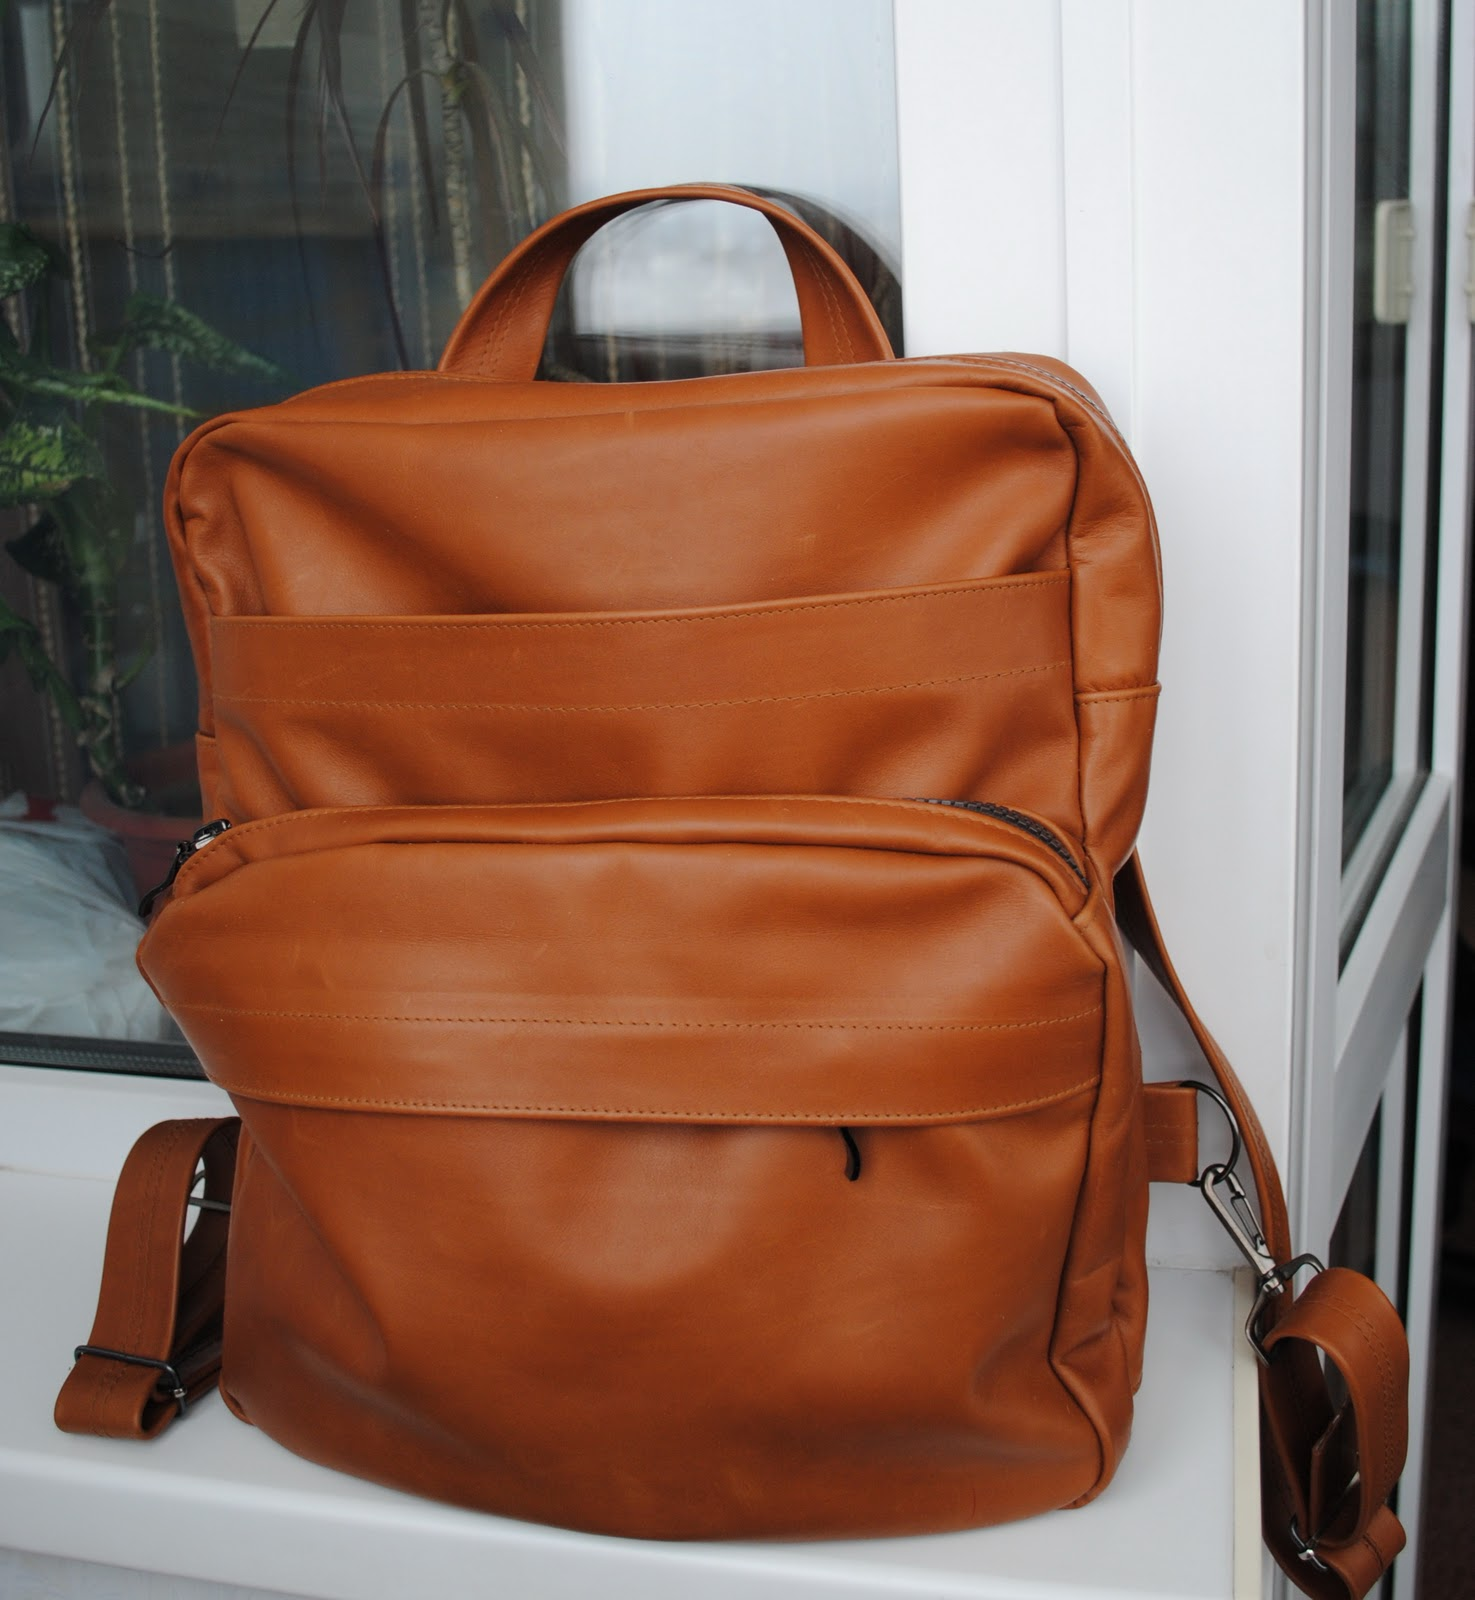 Рюкзак из кожи своими руками выкройки фото